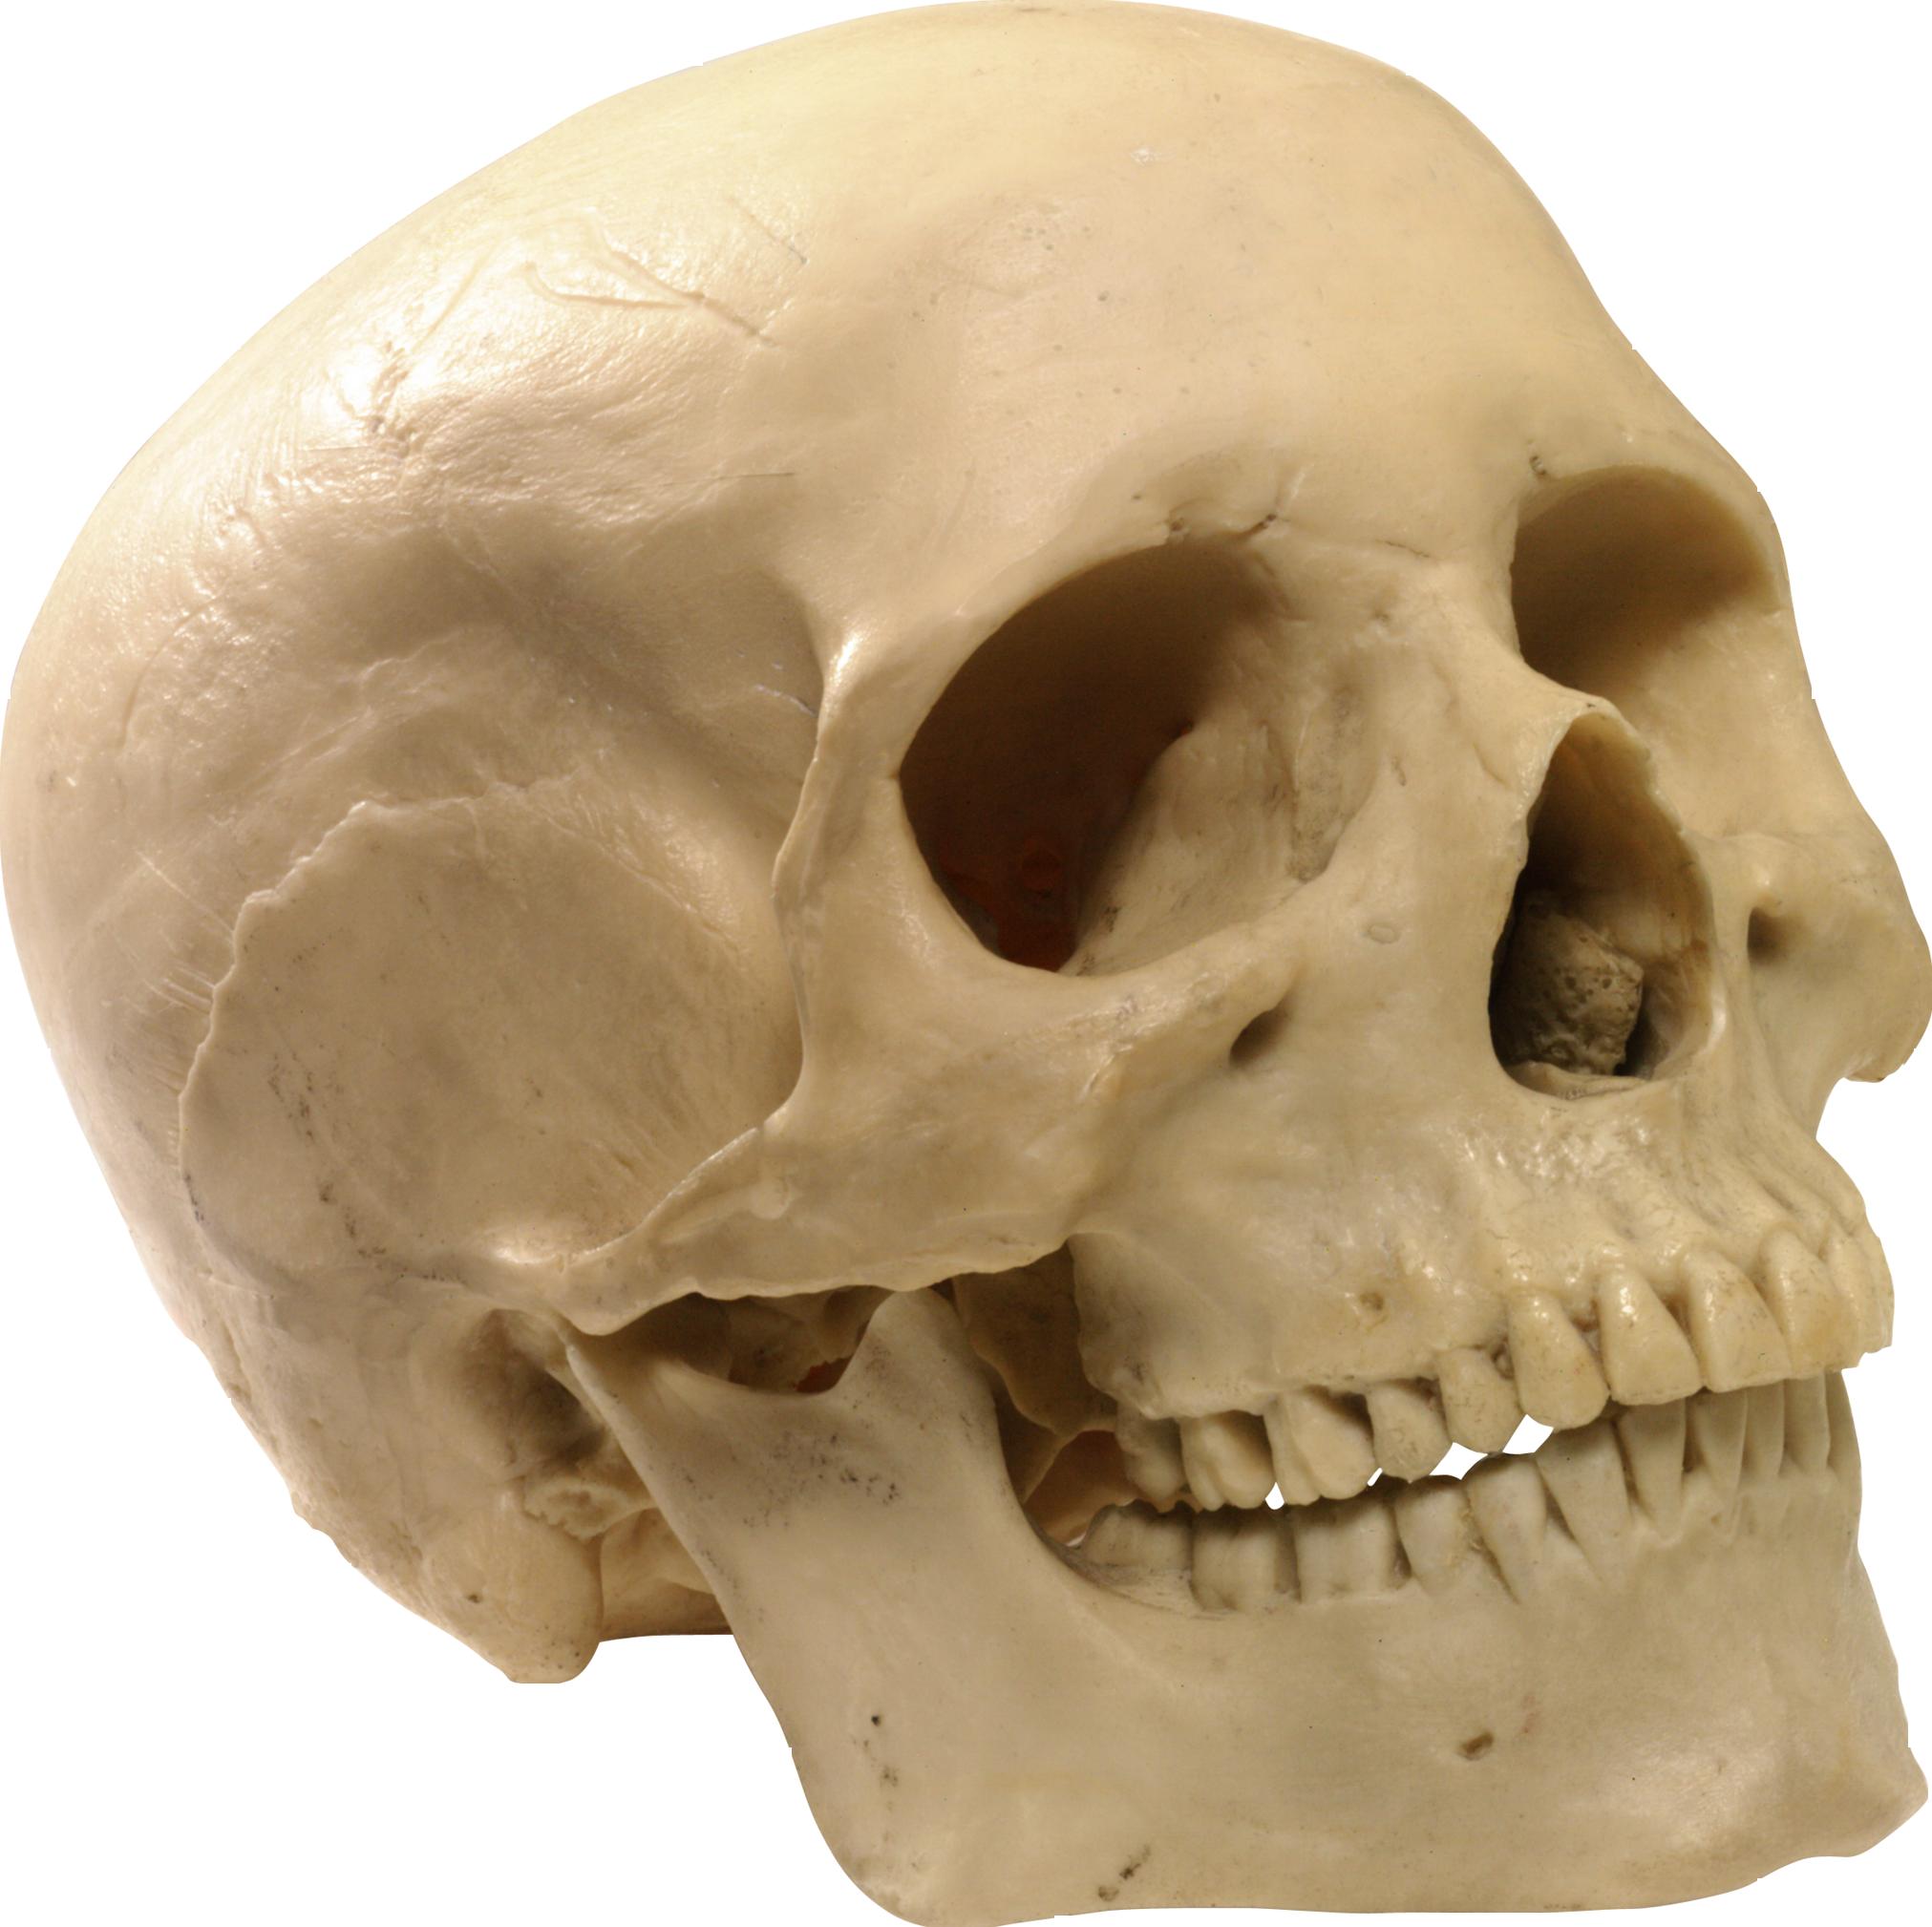 Human Skull 10 Png 2023 2018 Skull Skull Anatomy Skull And Bones